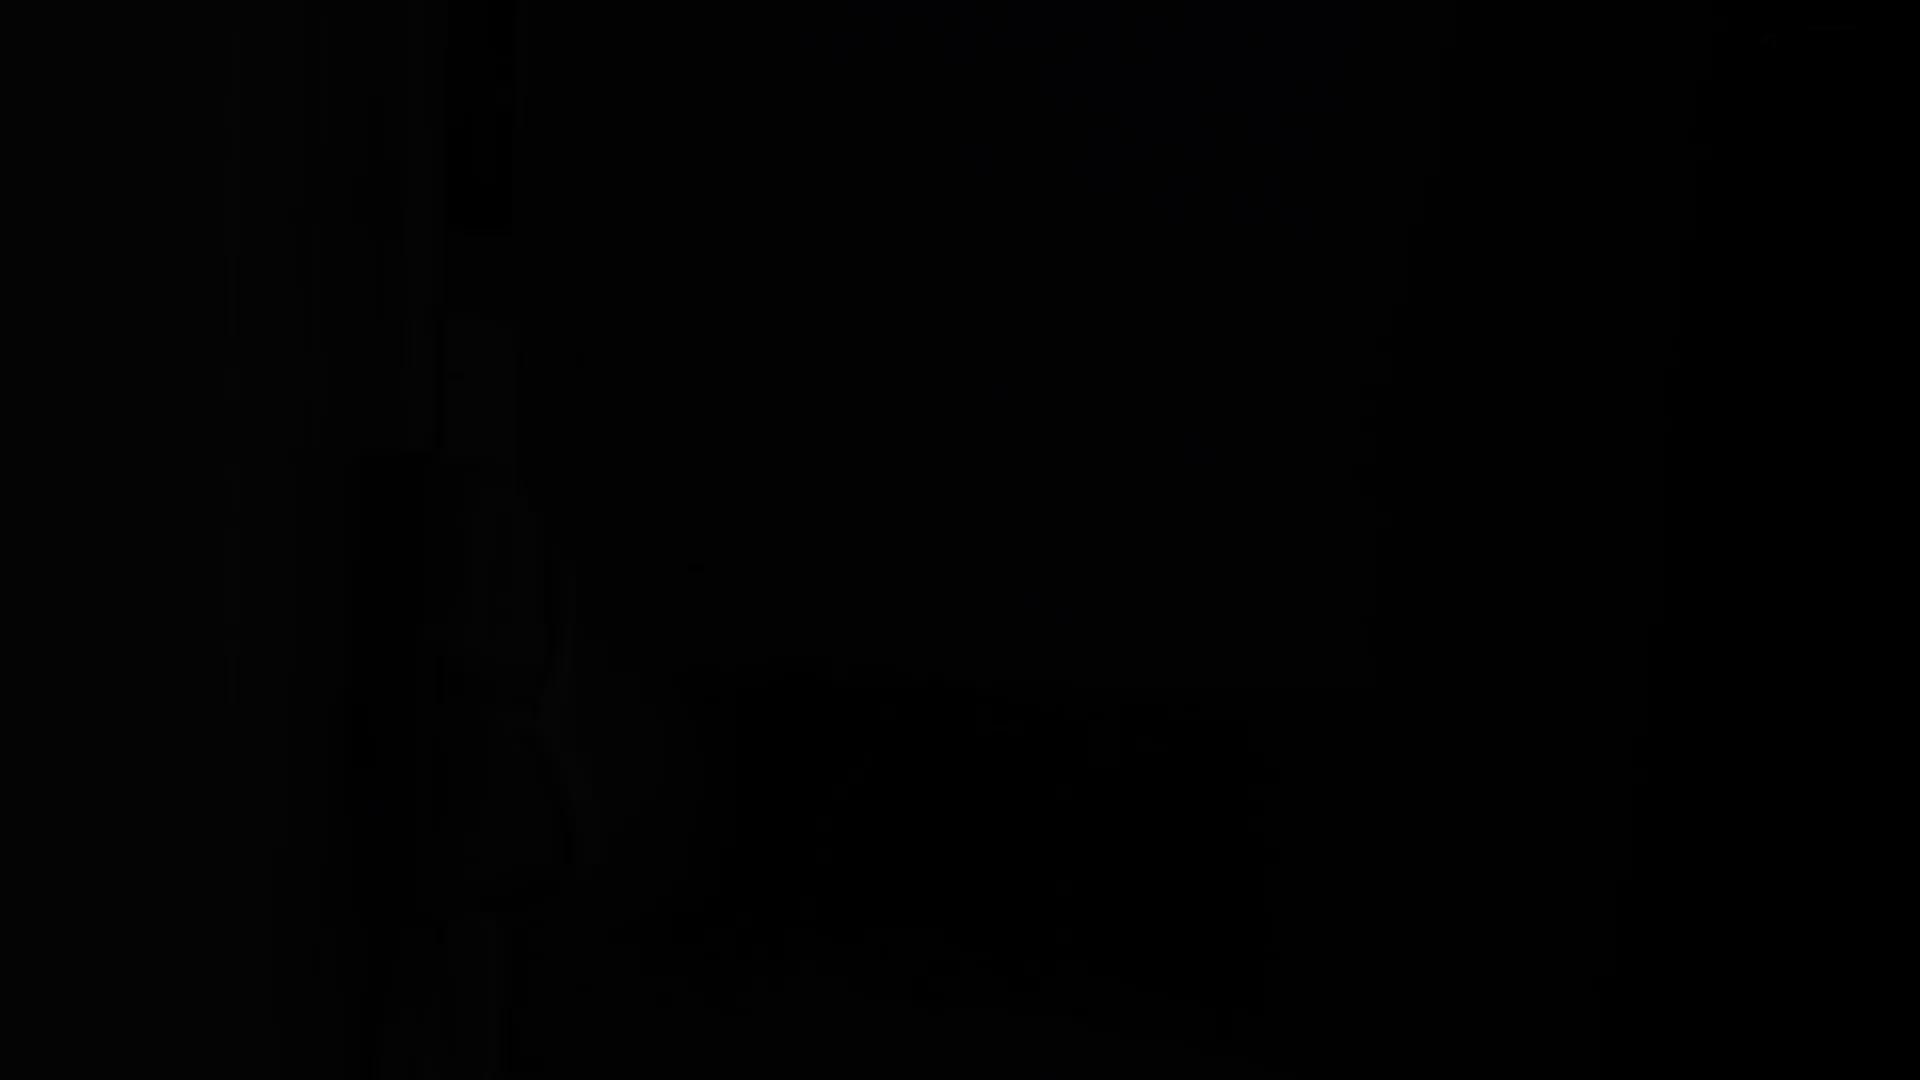 ギャルのツルピカ潜入盗撮!Vol.08 うんこ好き | ギャル・コレクション  96連発 47